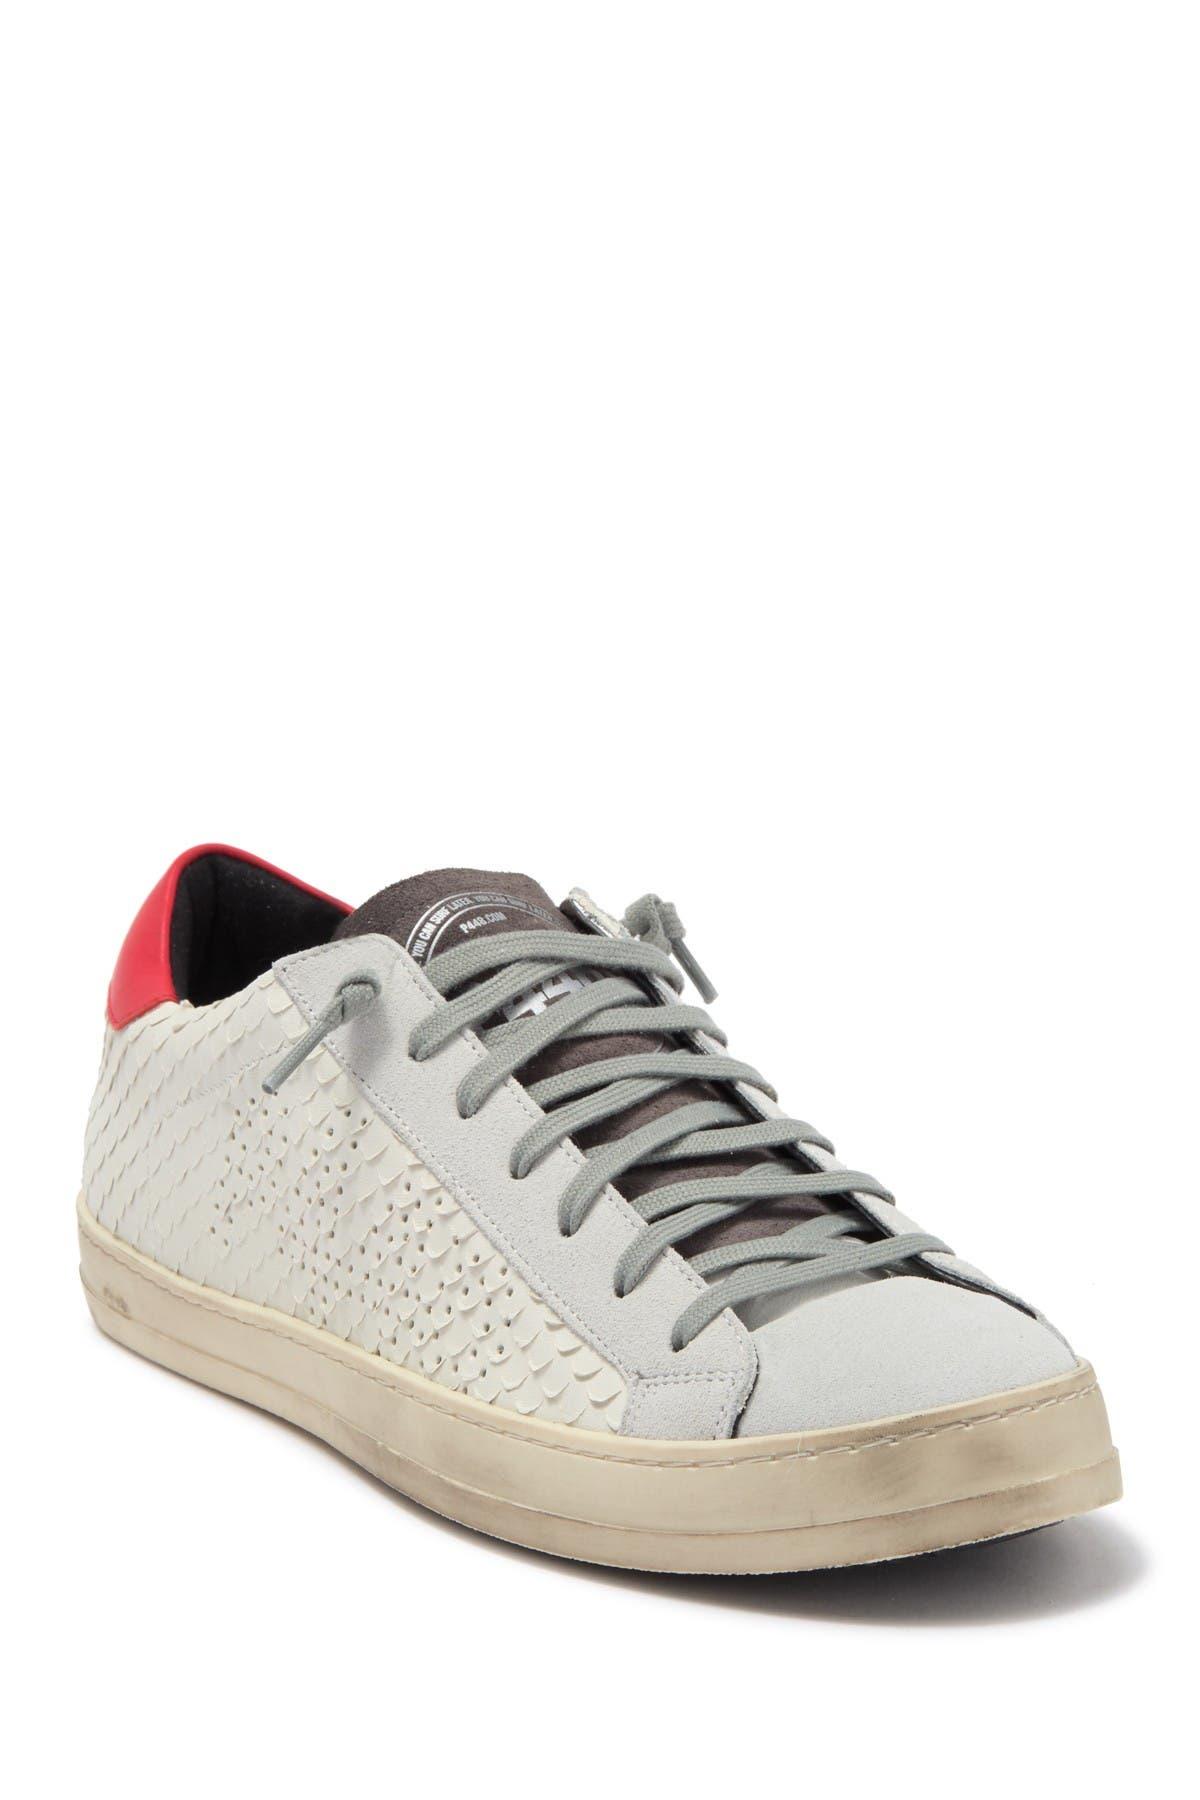 P448 | S20 John Sneaker | Nordstrom Rack